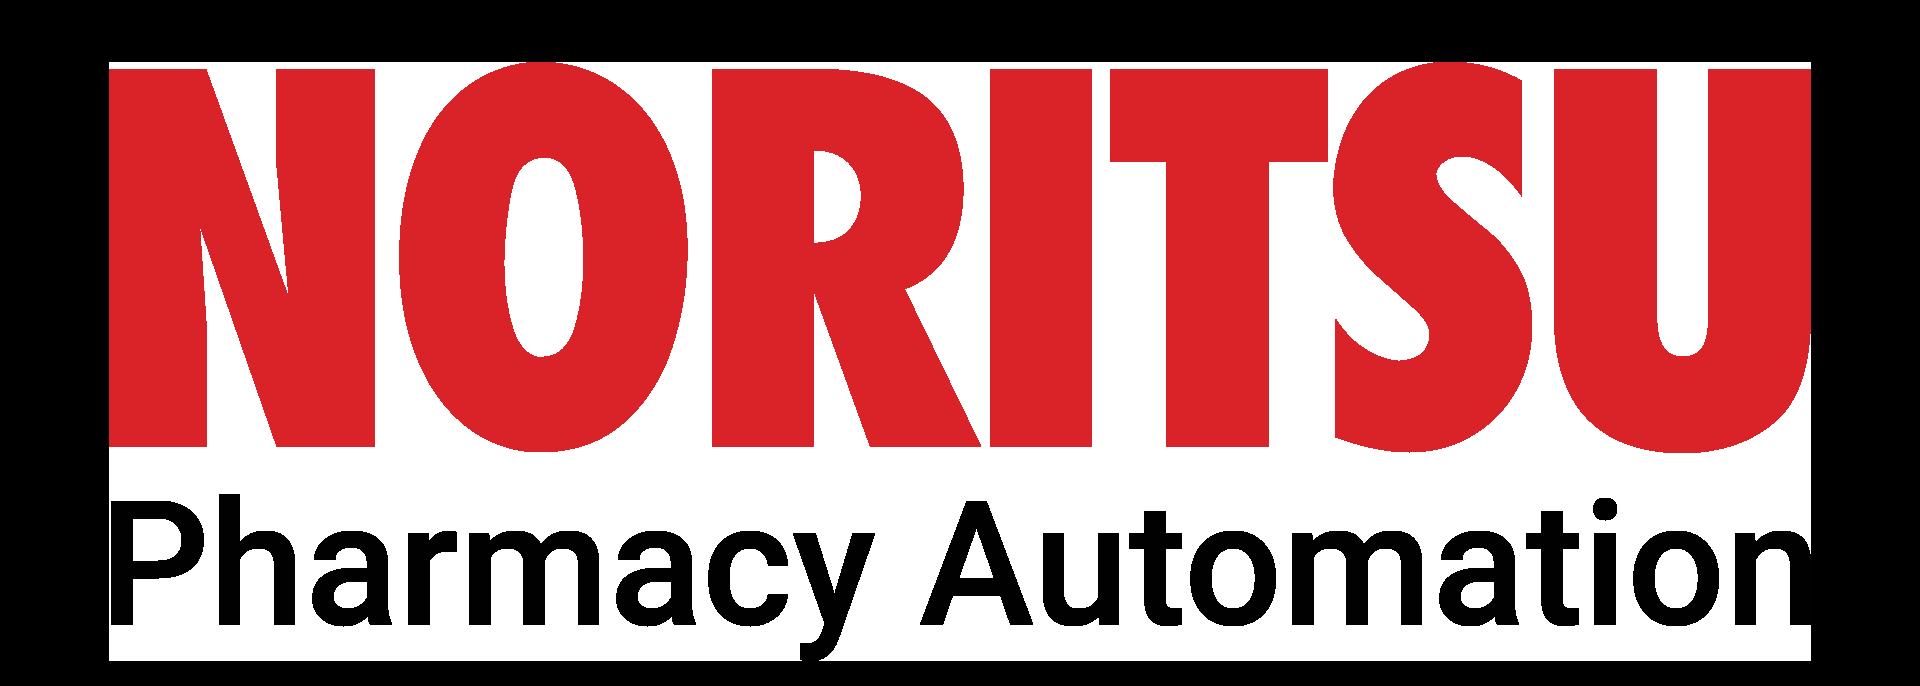 Noritsu Pharmacy Automation image